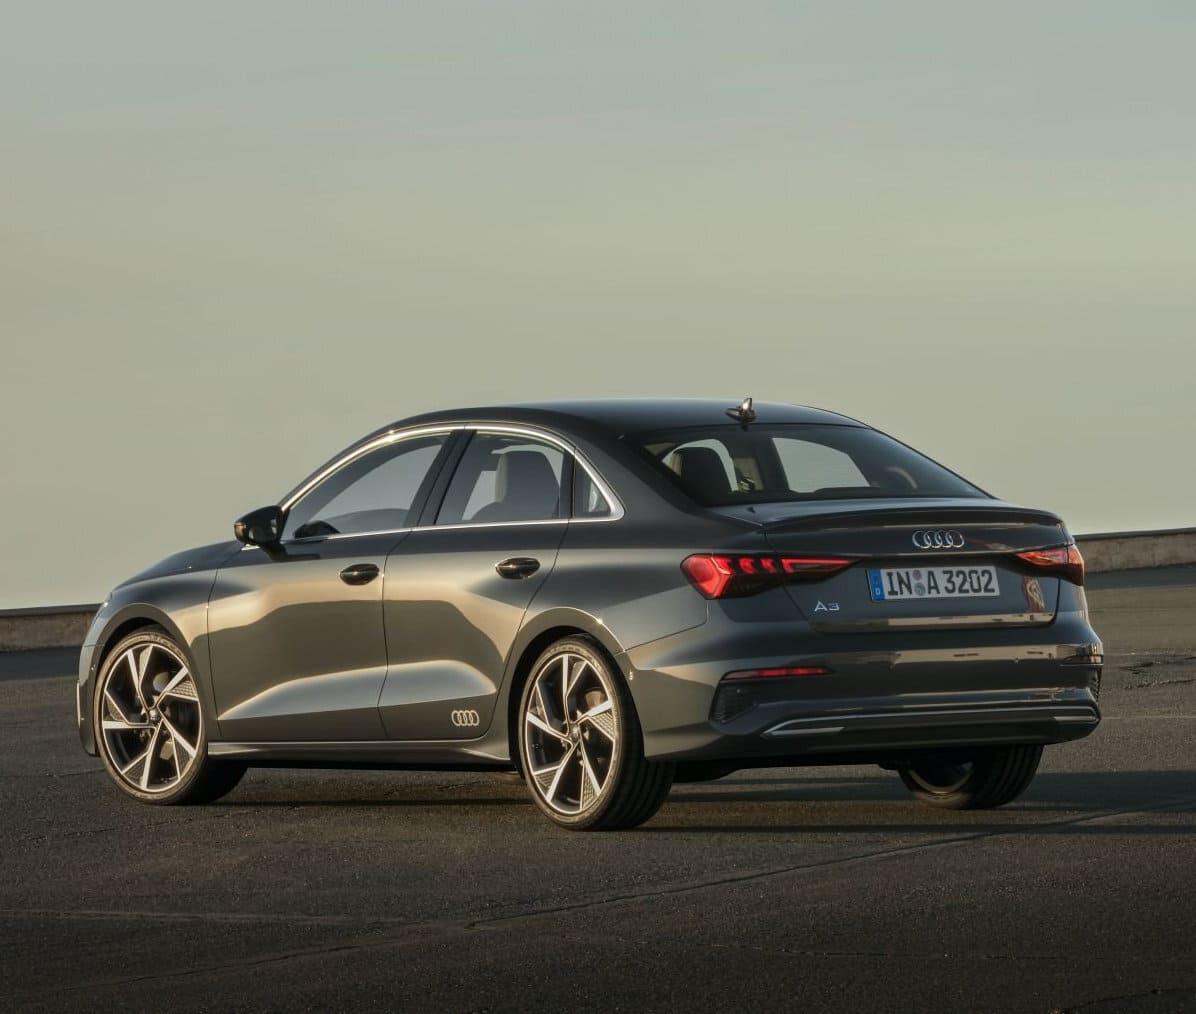 задняя часть - седан Audi A3 2021-2022